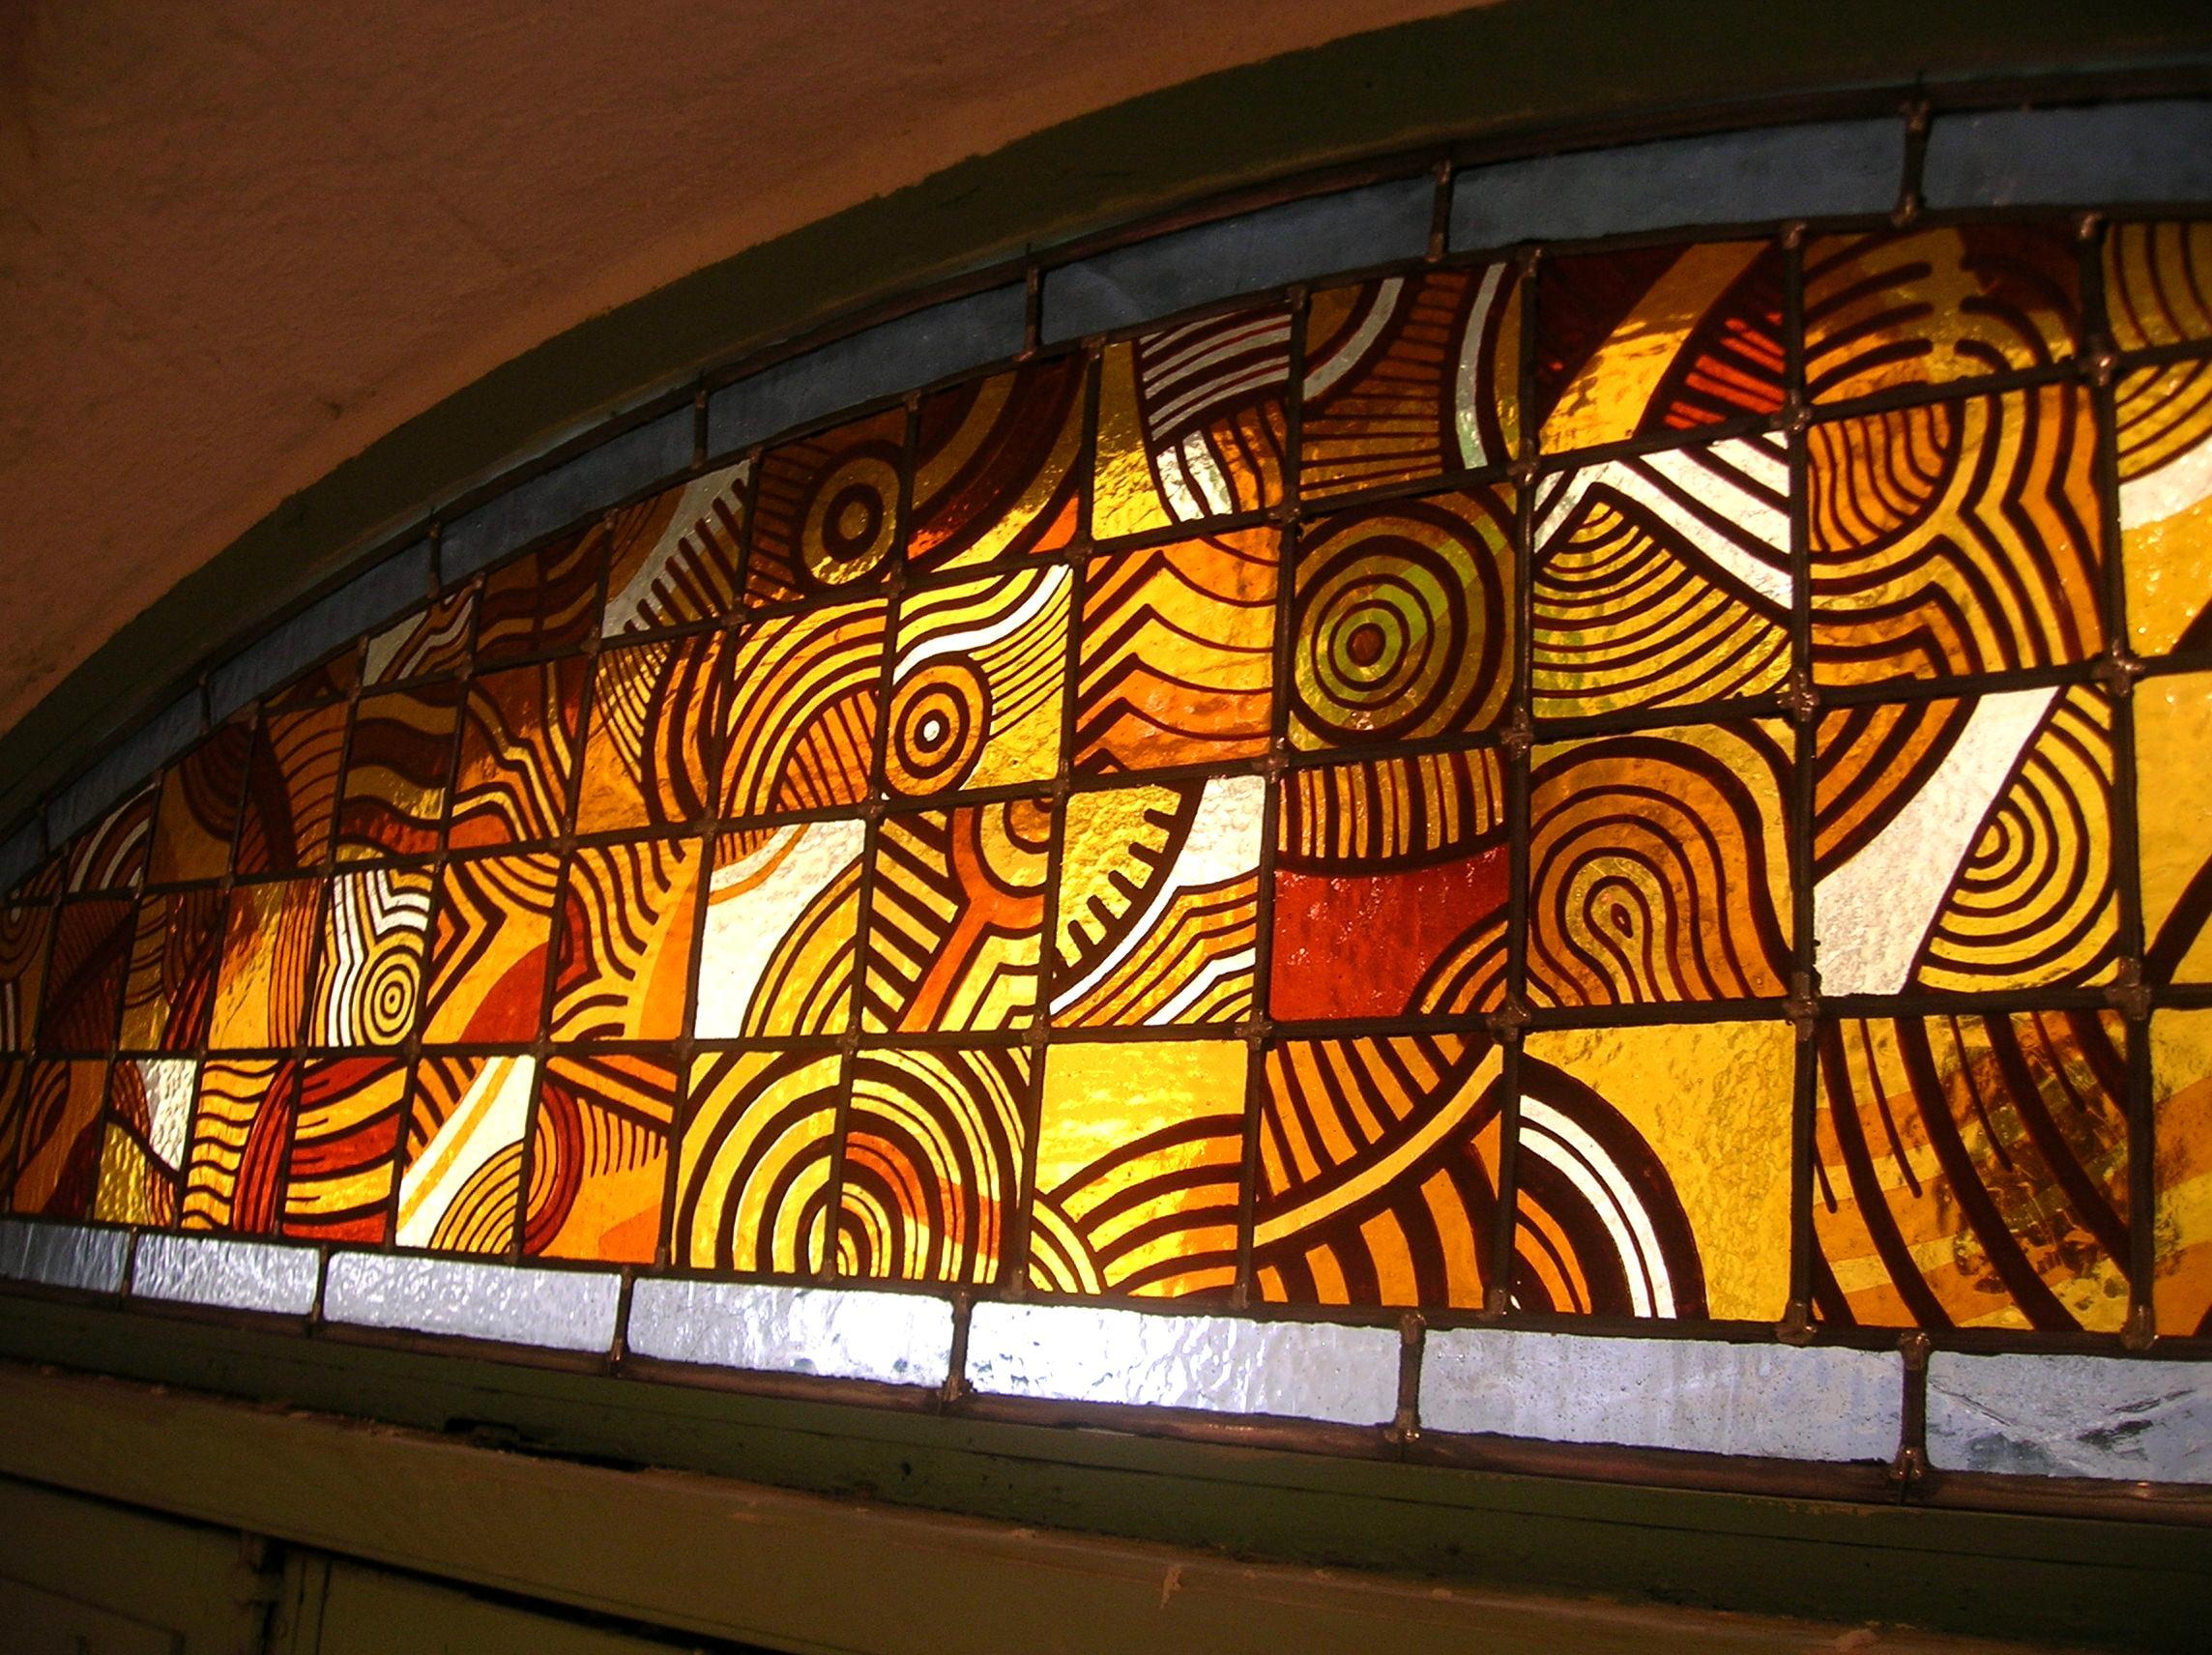 File peinture sur verre vitrail jpg wikimedia commons for Miroir vitrail modeles